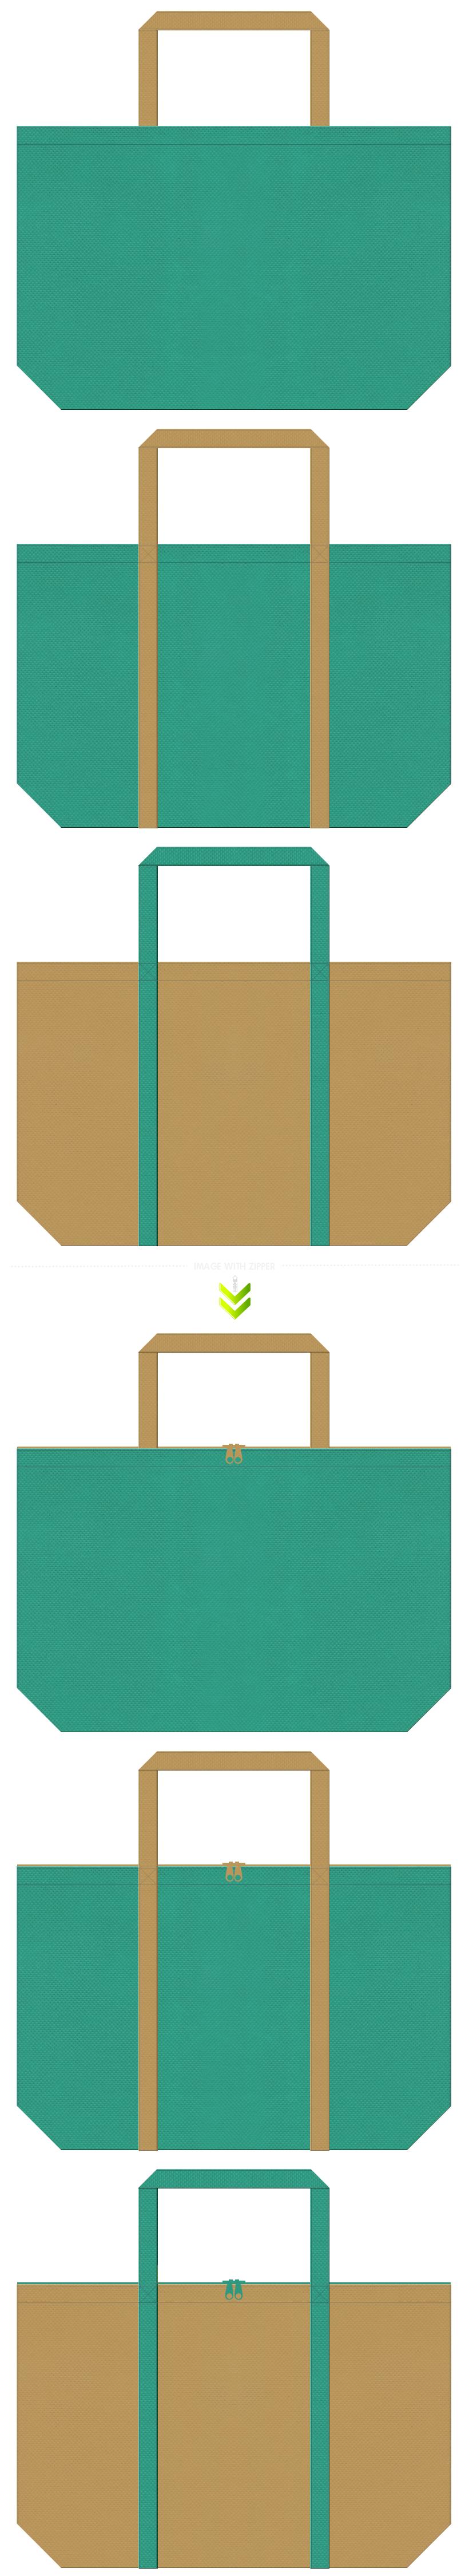 牧場・酪農・農業・肥料・種苗・産直市場・園芸用品・DIYのショッピングバッグにお奨めの不織布バッグデザイン:青緑色と金黄土色のコーデ